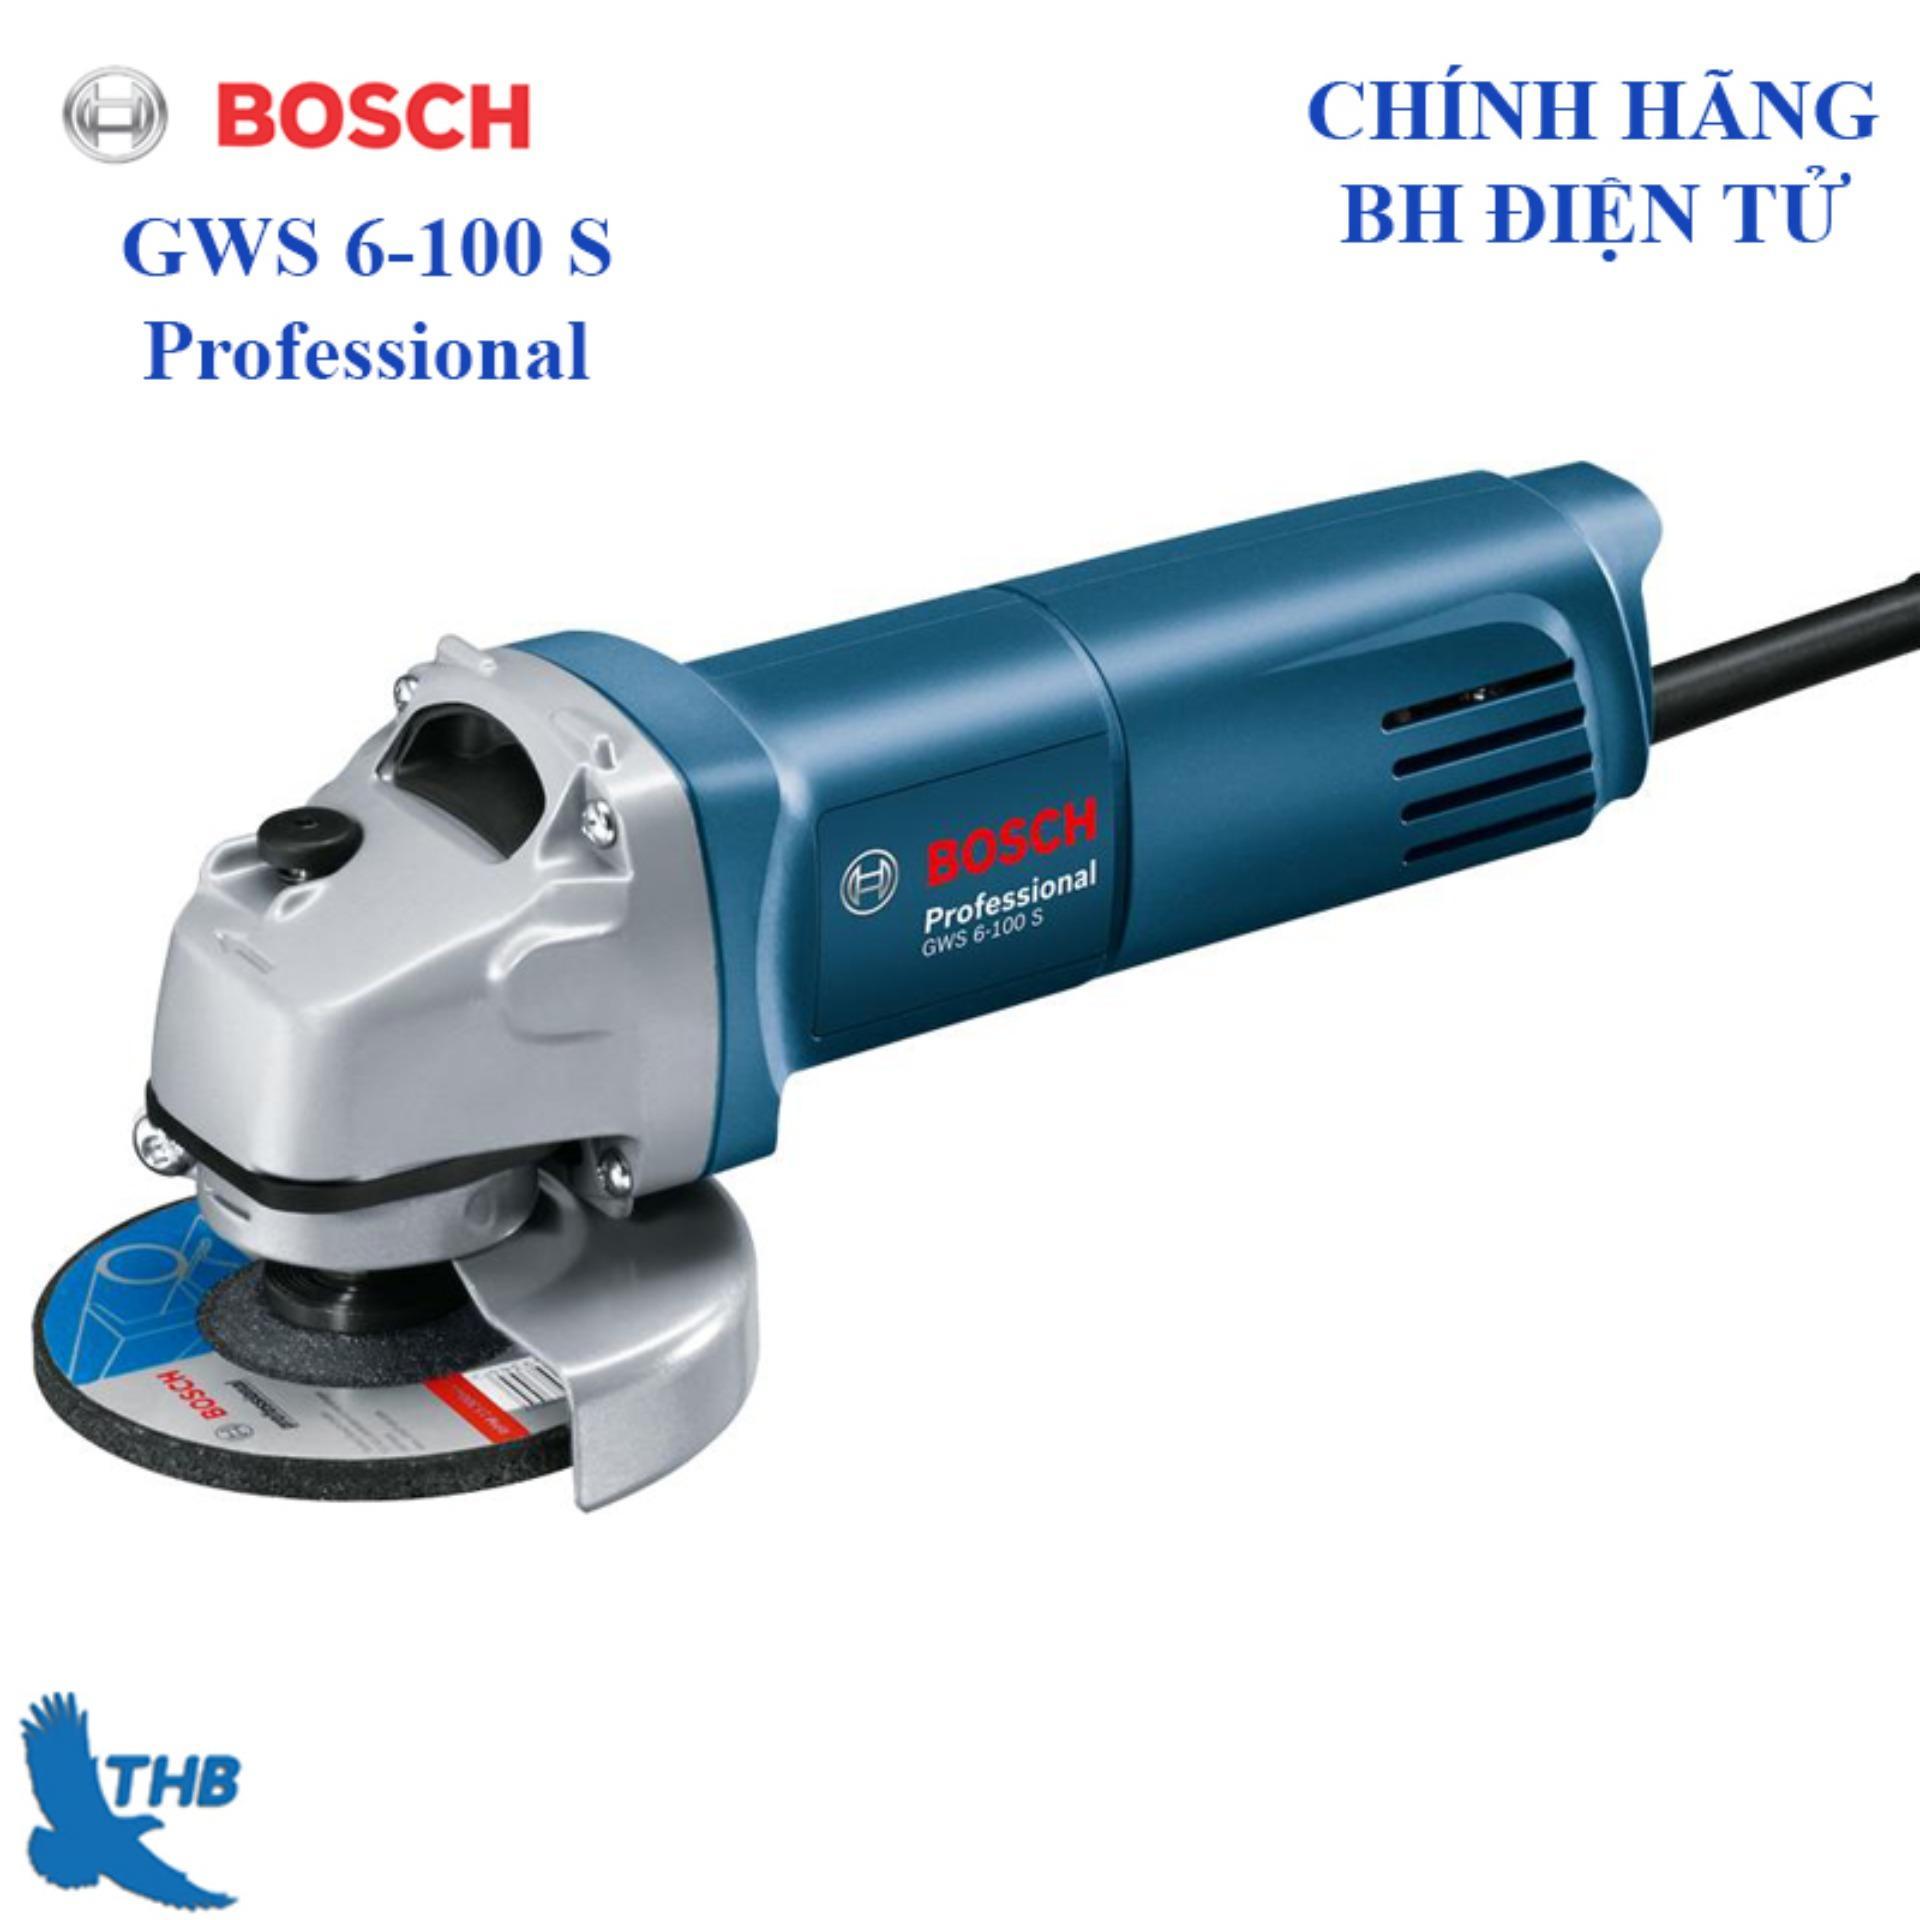 Máy mài góc nhỏ, Máy mài cầm tay, Máy mài điện cầm tay, Máy mài công tắc đuôi, Máy cắt sắt cầm tay Bosch chính hãng GWS 6-100 S ( Công tắc đuôi, bảo hành điện tưu 6 tháng, công suất 600W)